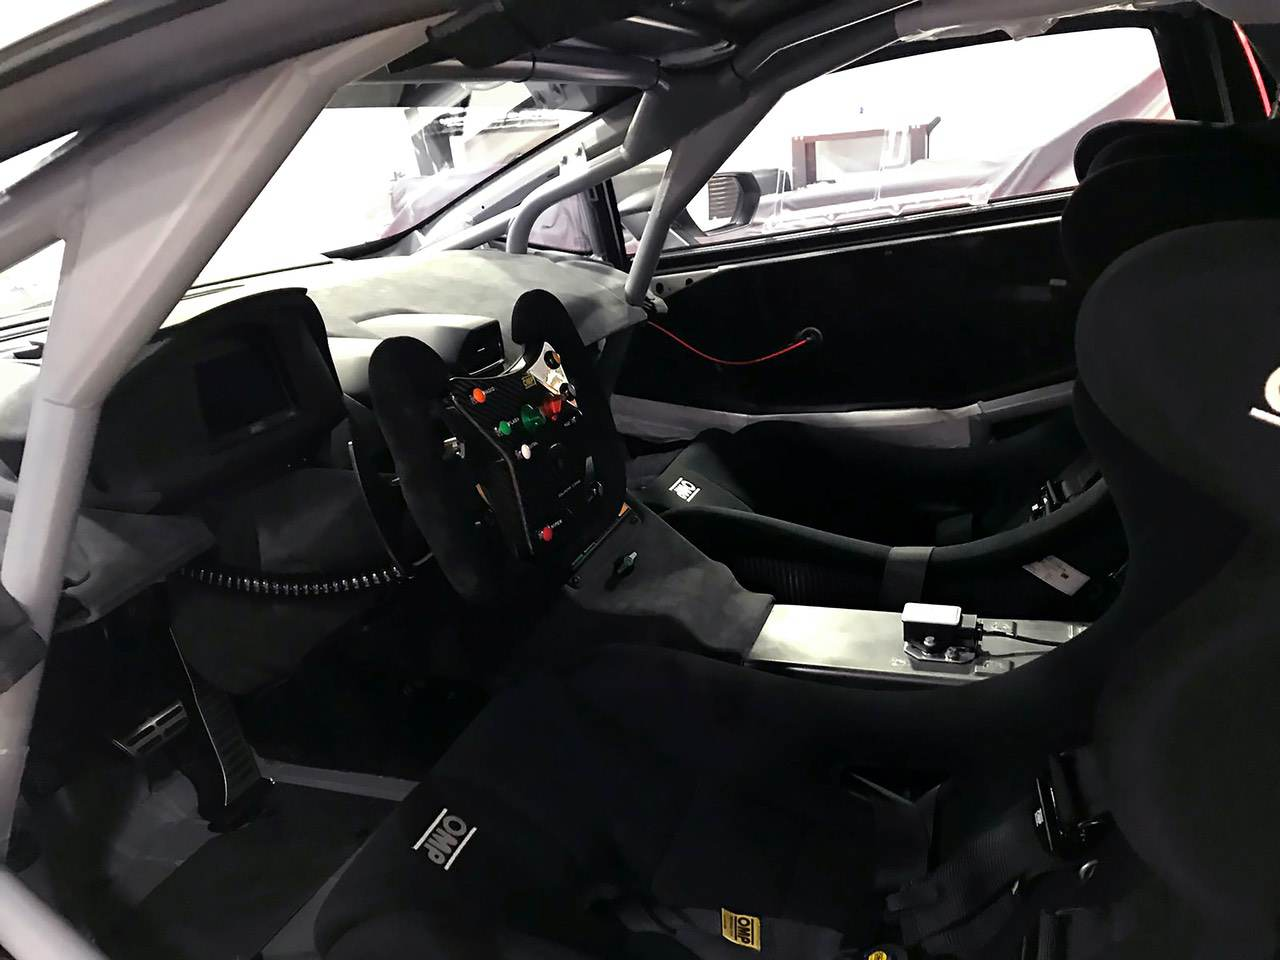 Lamborghini-Huracan-Super-Trofeo-5